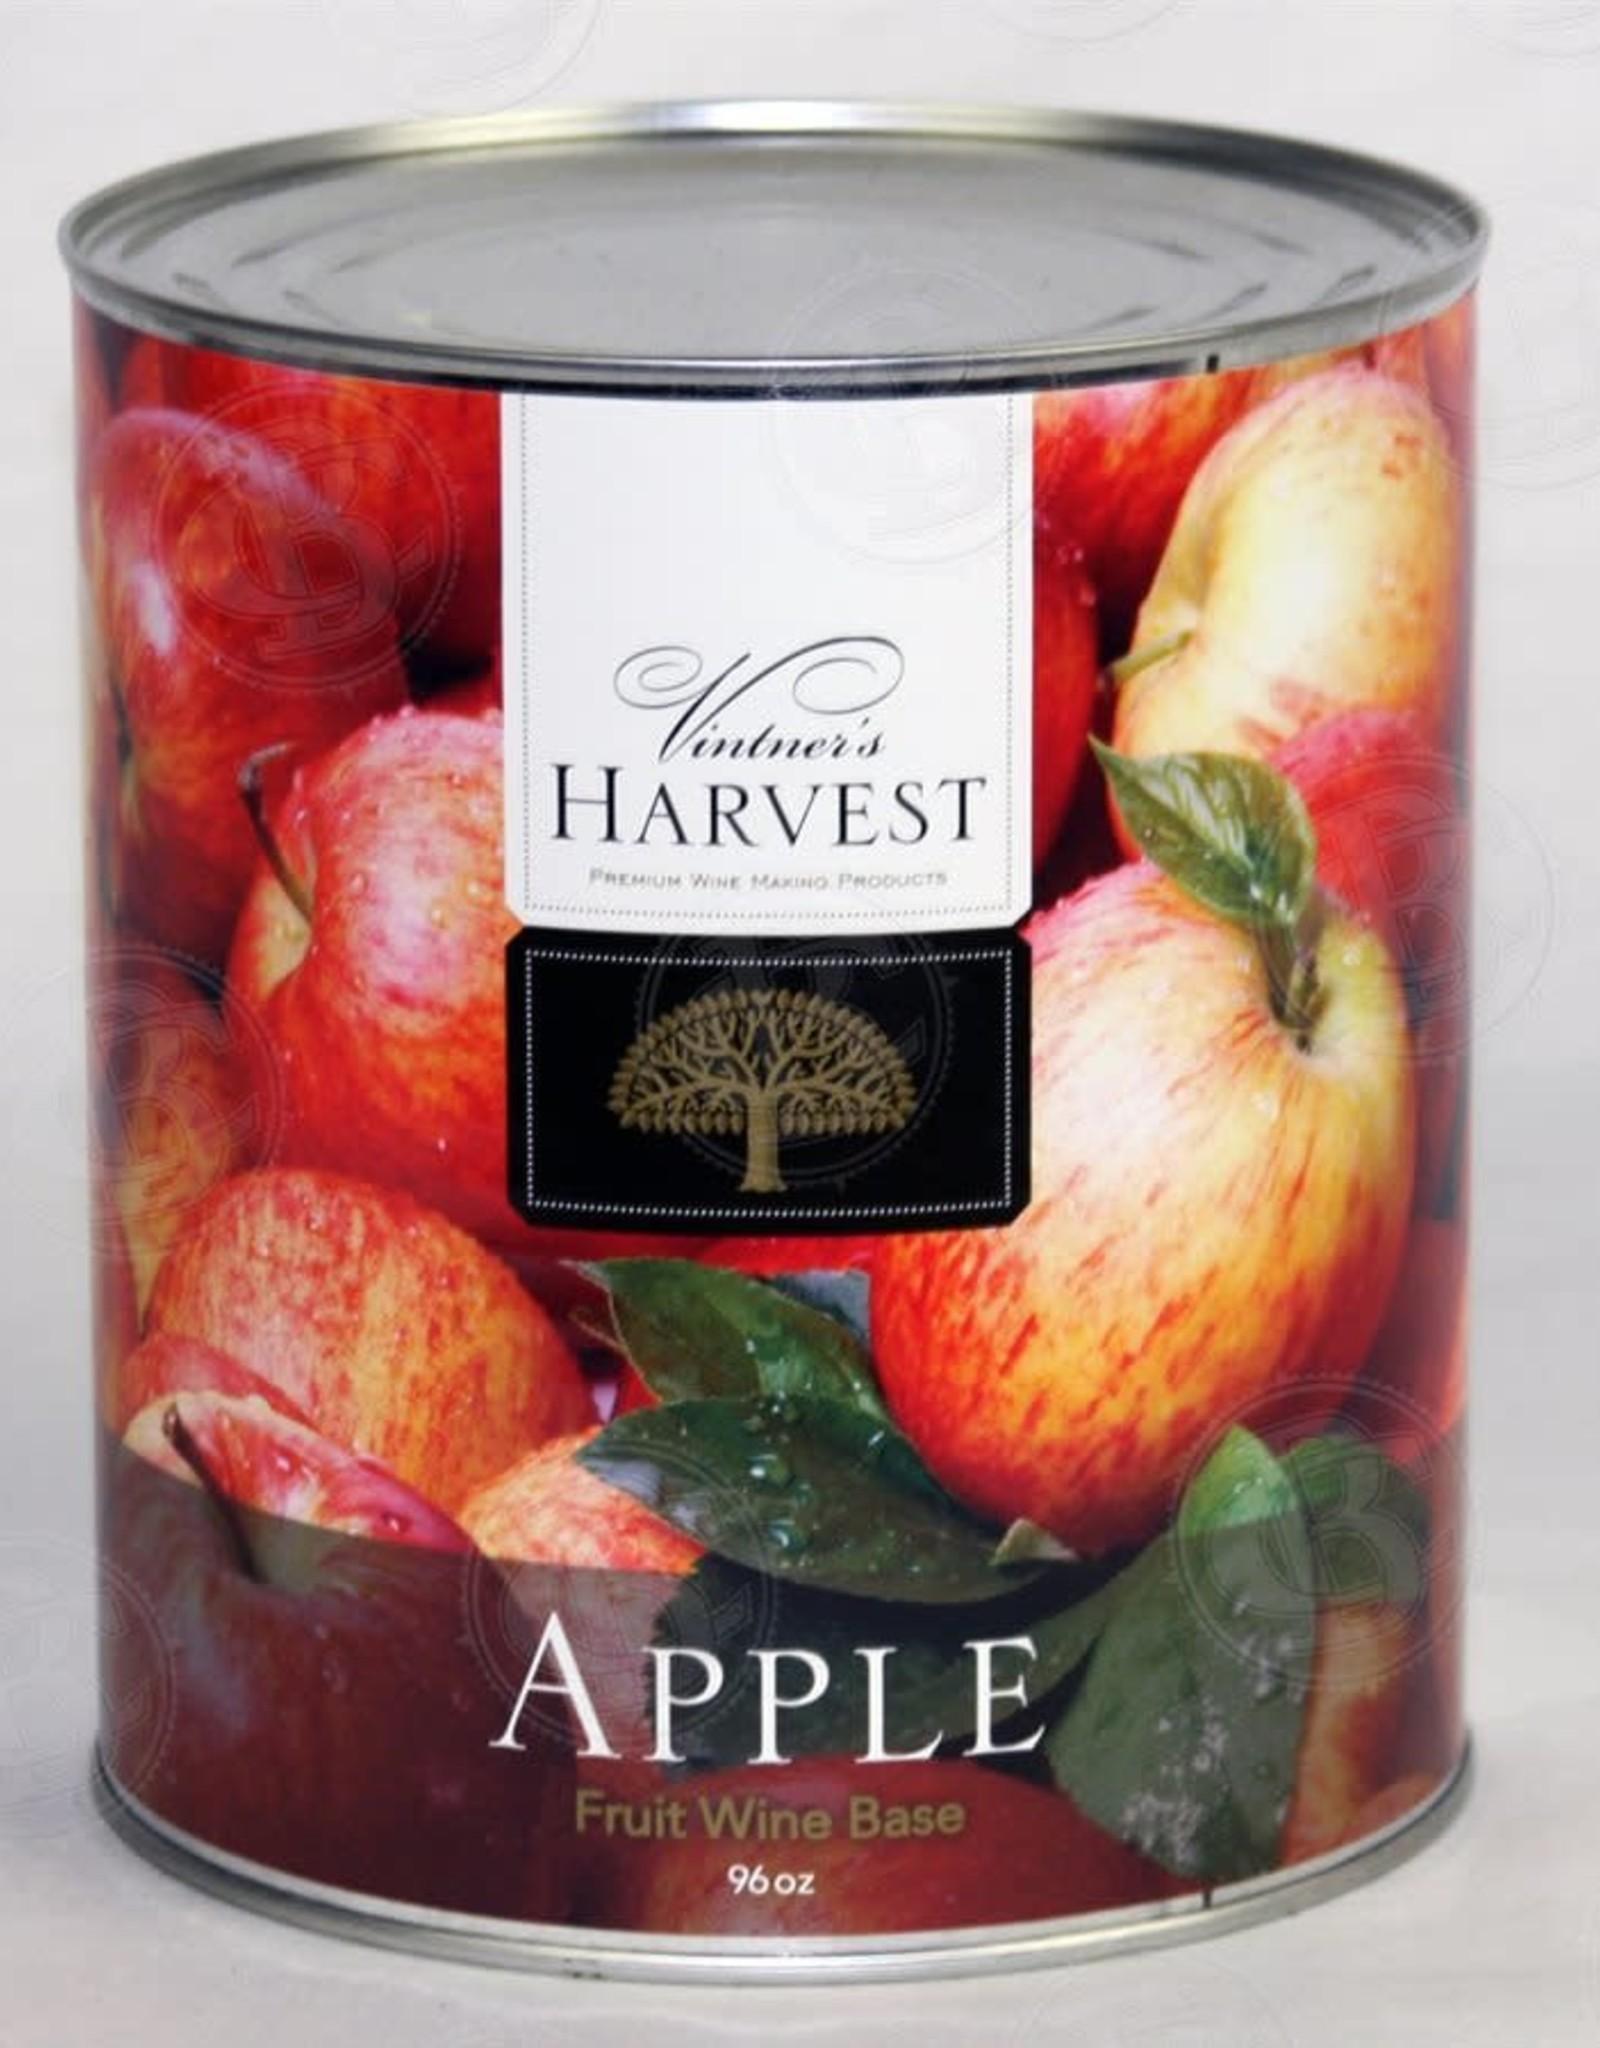 VINTNERS HARVEST Vintner's Harvest Apple Fruit Base (96 oz)